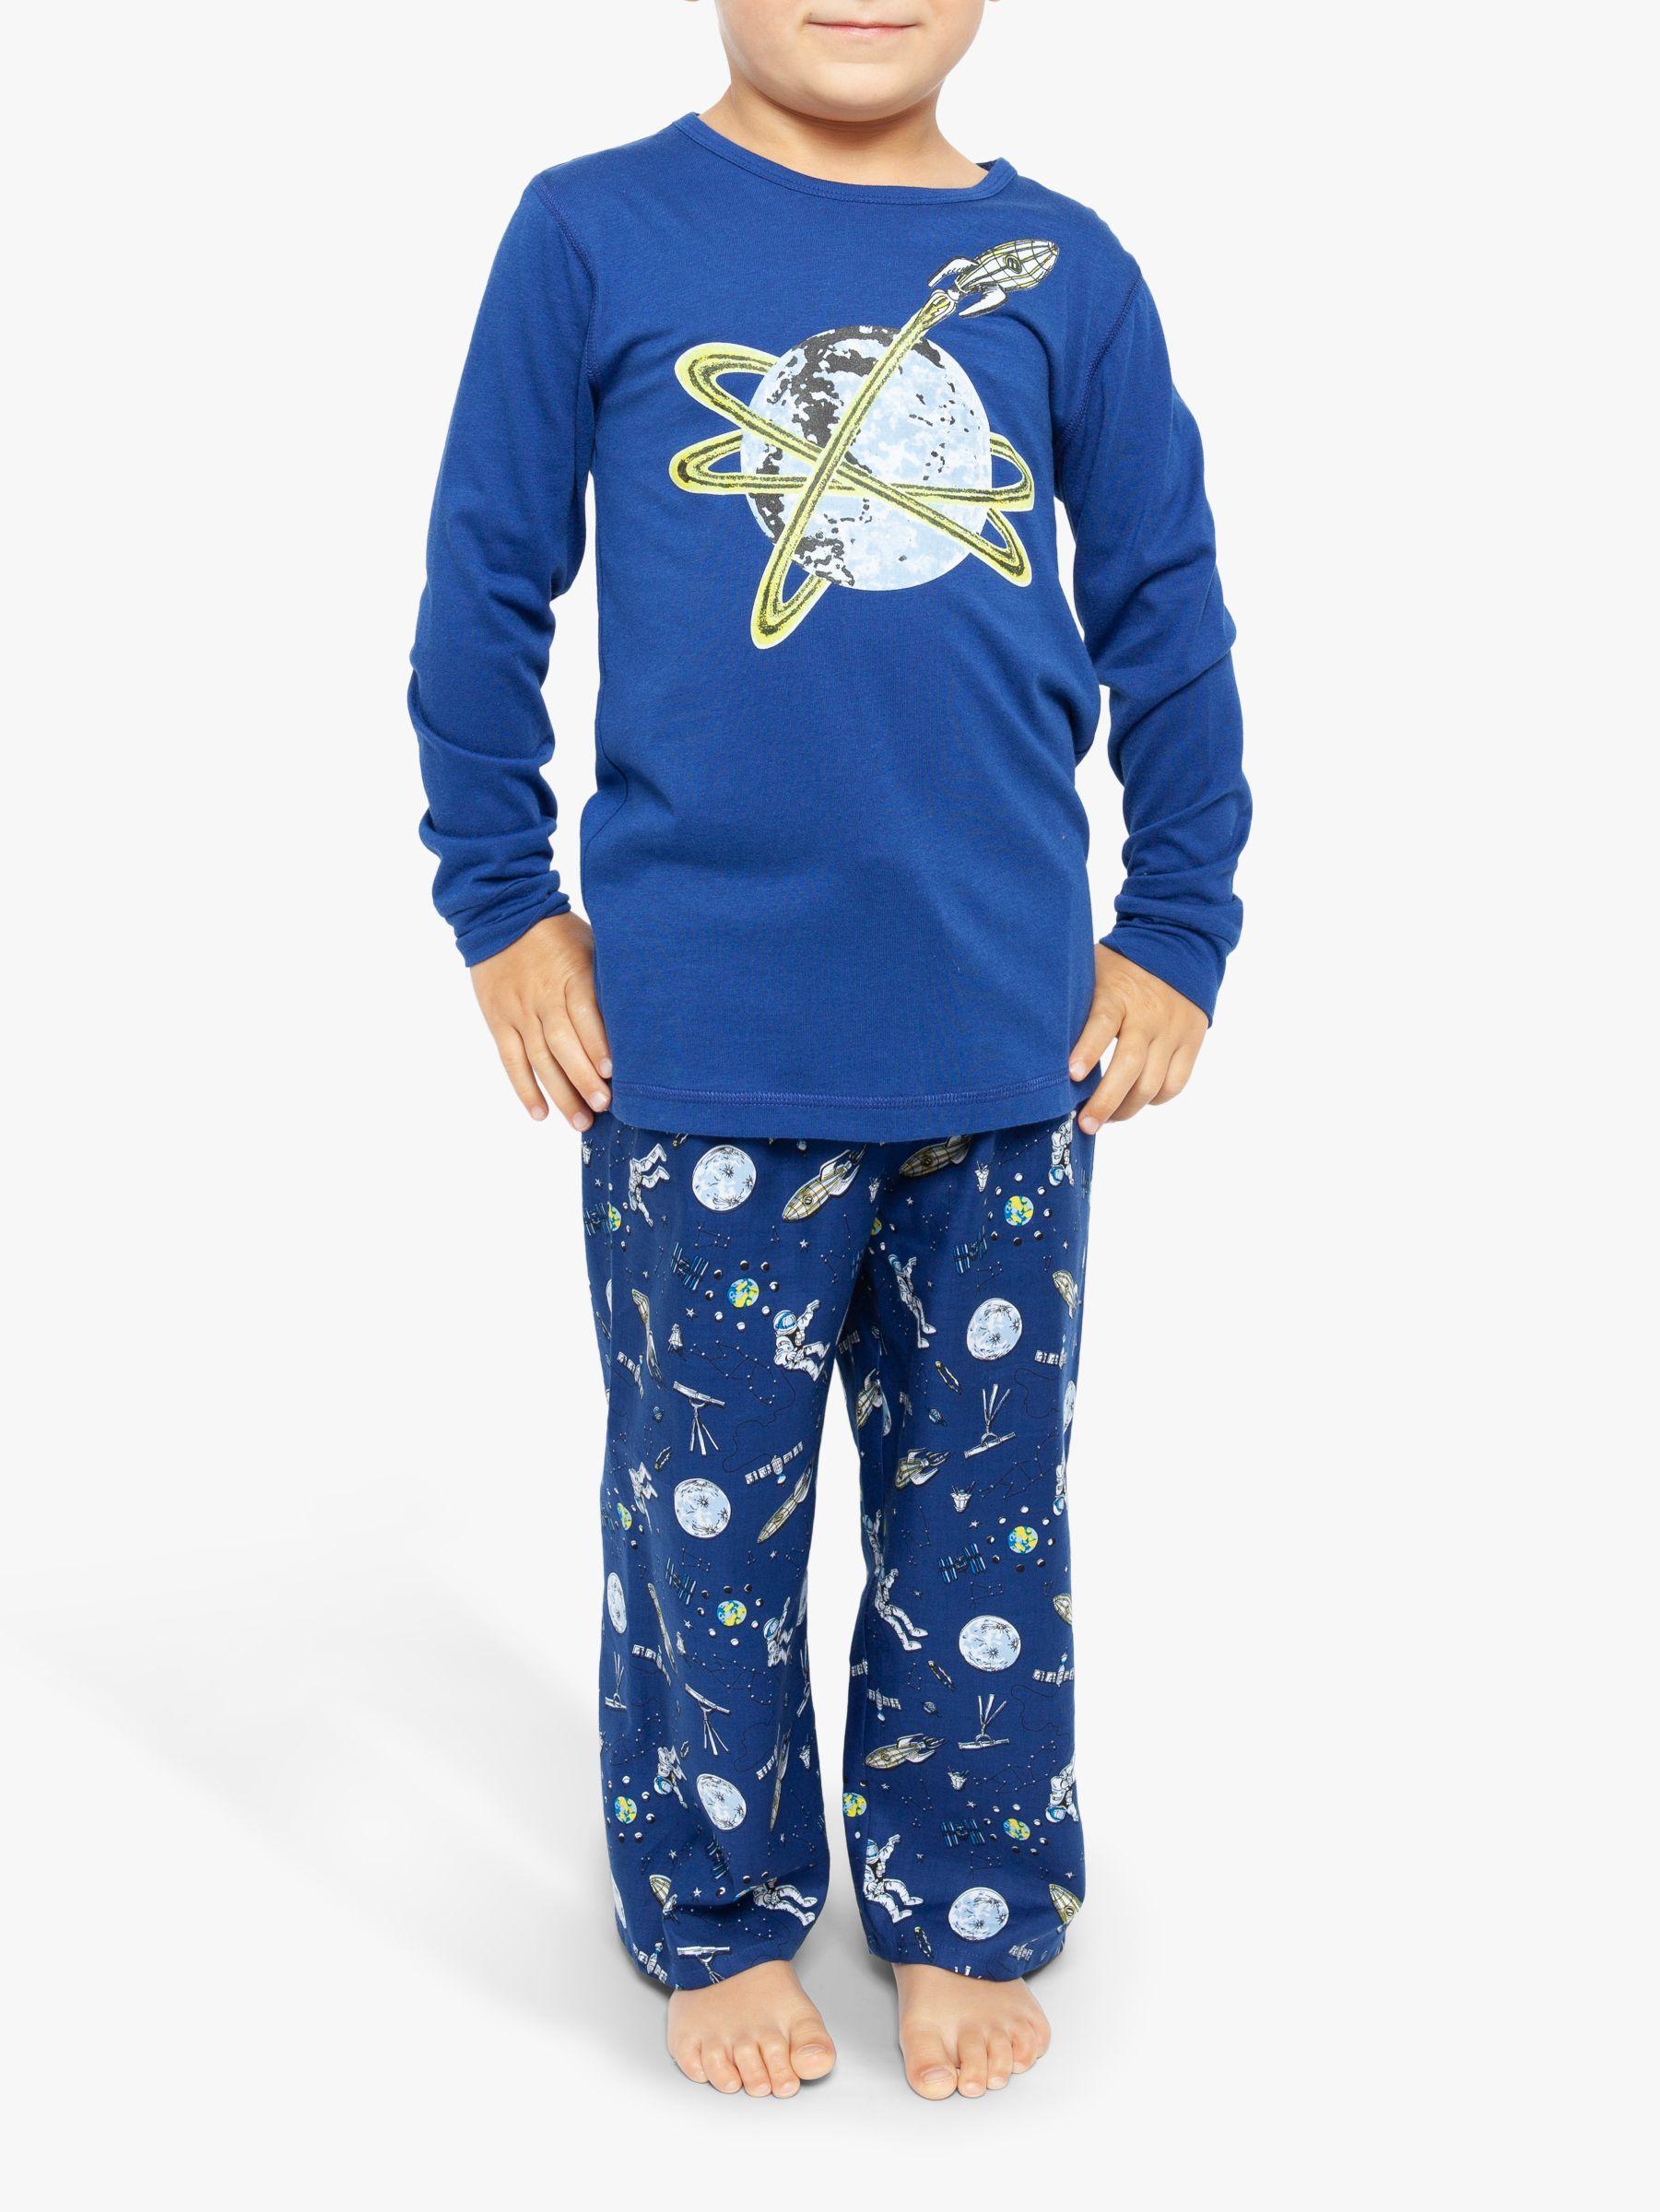 Cyberjammies Cyberjammies Boys' Space Print Long Sleeve Pyjama Set, Blue